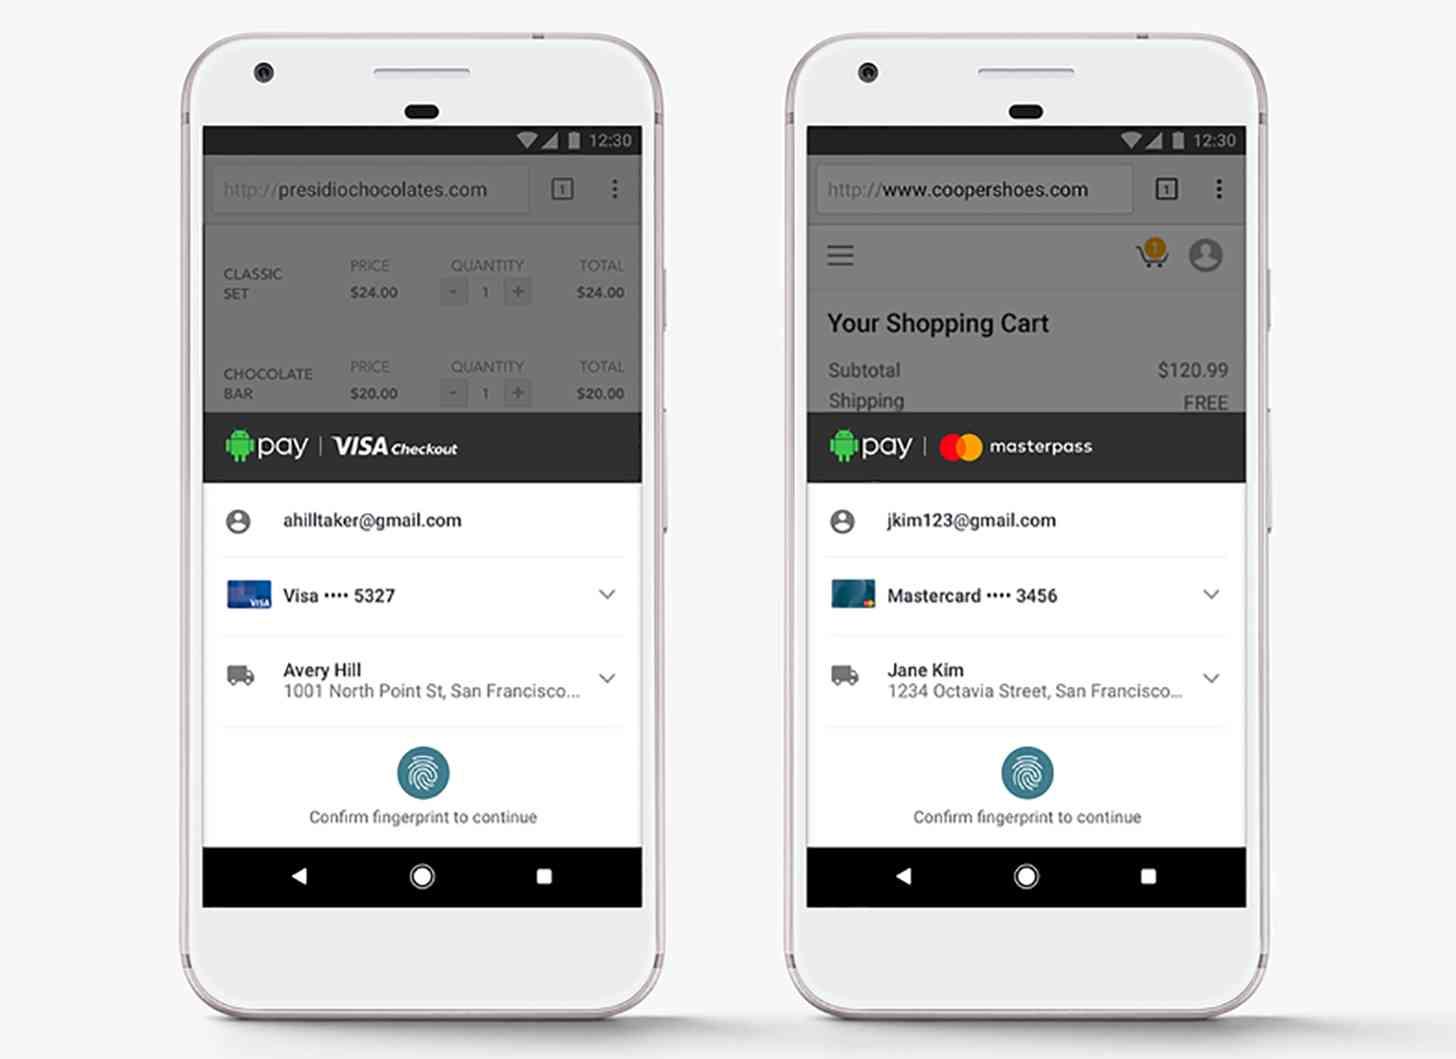 Android Pay Visa Checkout MasterCard Masterpass